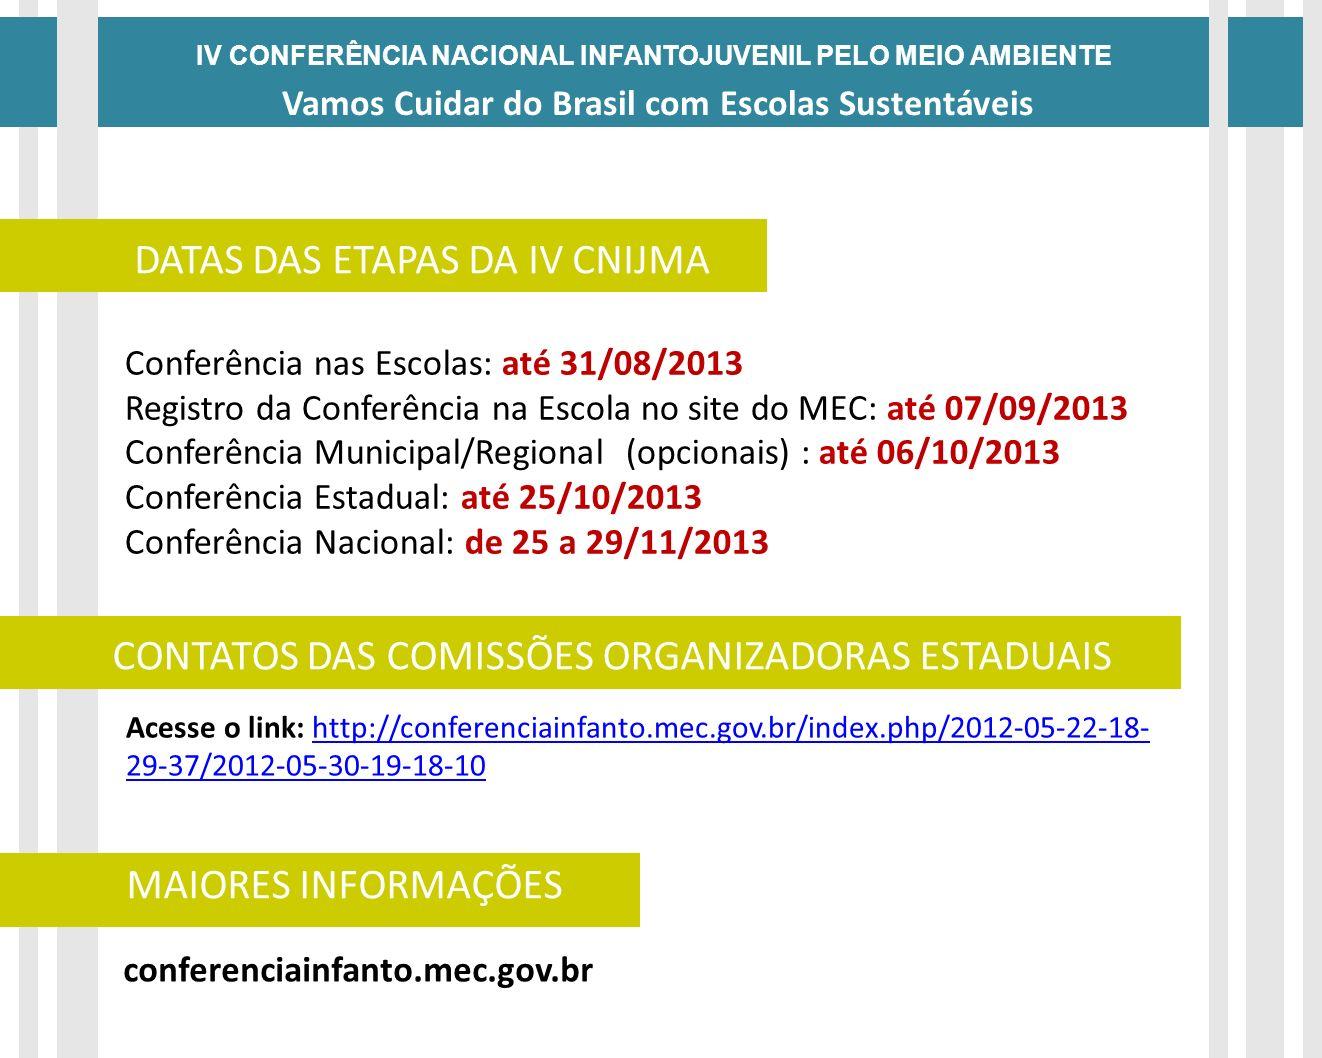 IV CONFERÊNCIA NACIONAL INFANTOJUVENIL PELO MEIO AMBIENTE Vamos Cuidar do Brasil com Escolas Sustentáveis DATAS DATAS DAS ETAPAS DA IV CNIJMA DATAS MA